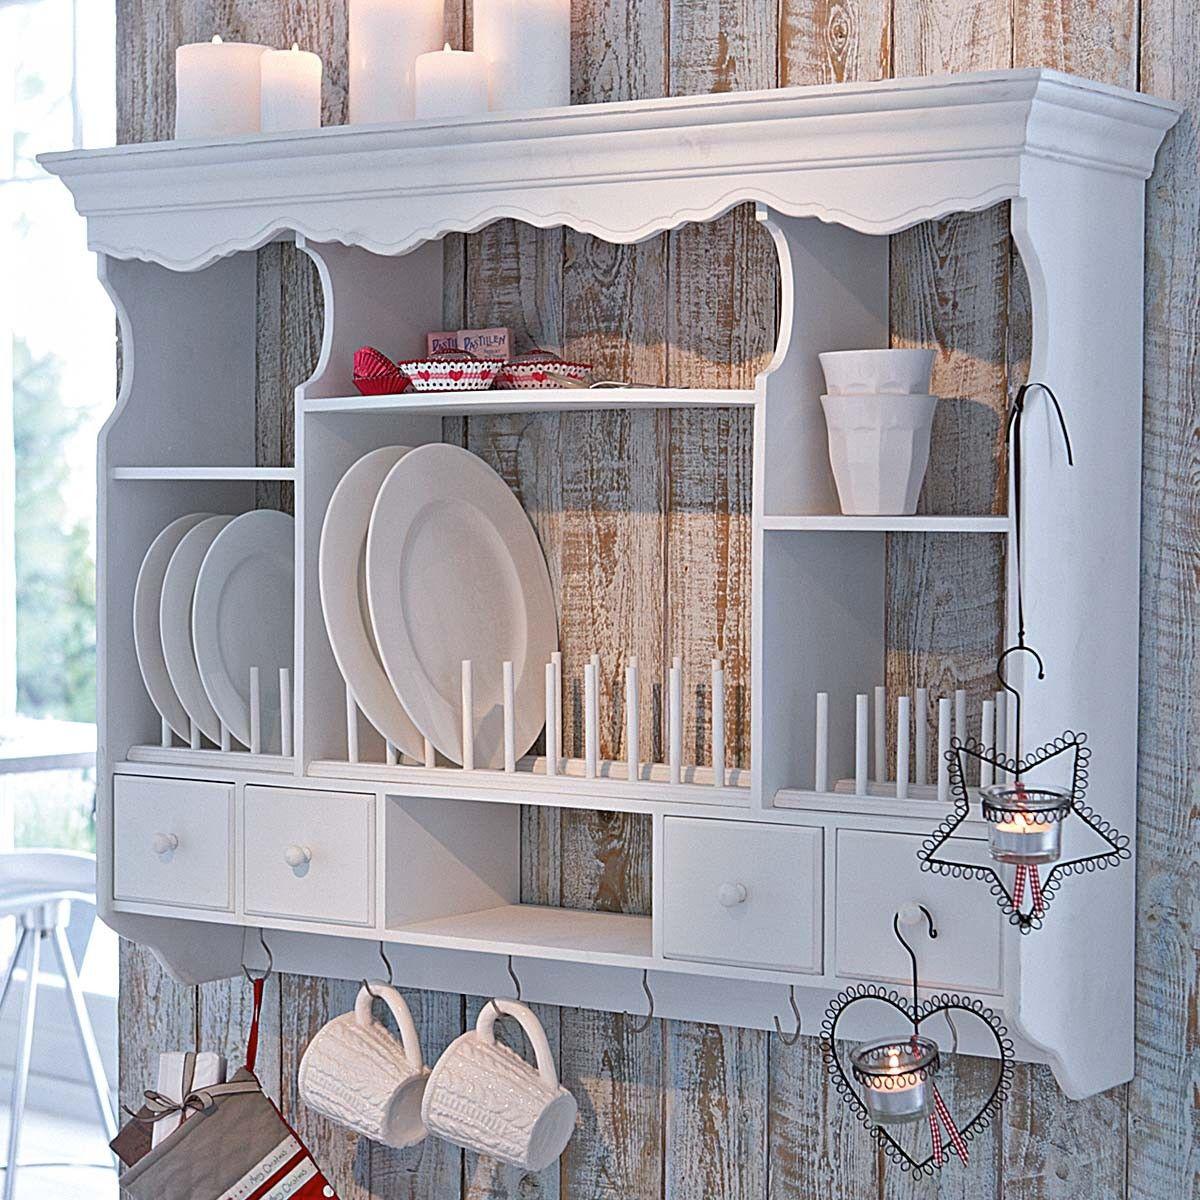 cottage chic | wandschrank-hängeschrank shabby chic nostalgie ... - Nostalgie Küche